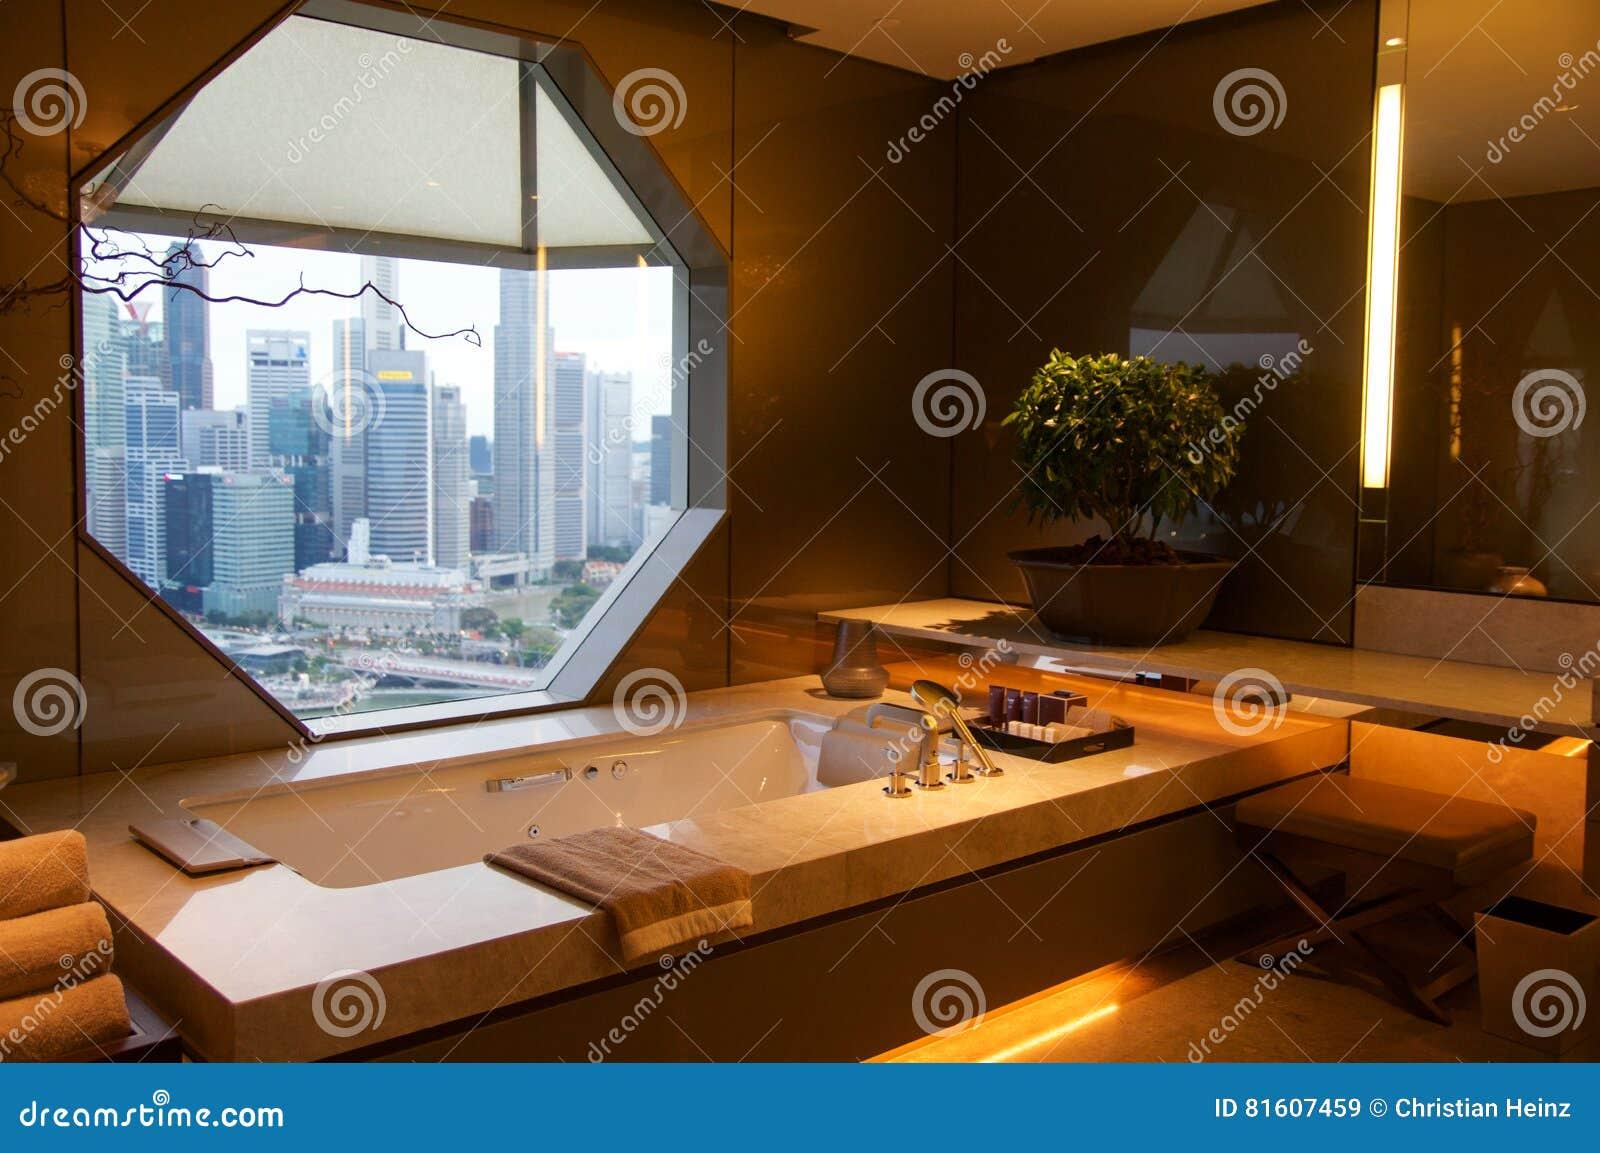 de 2016: sala de hotel de luxo com interior moderno grande banheiro #371D06 1300x954 Banheiro De Hotel De Luxo